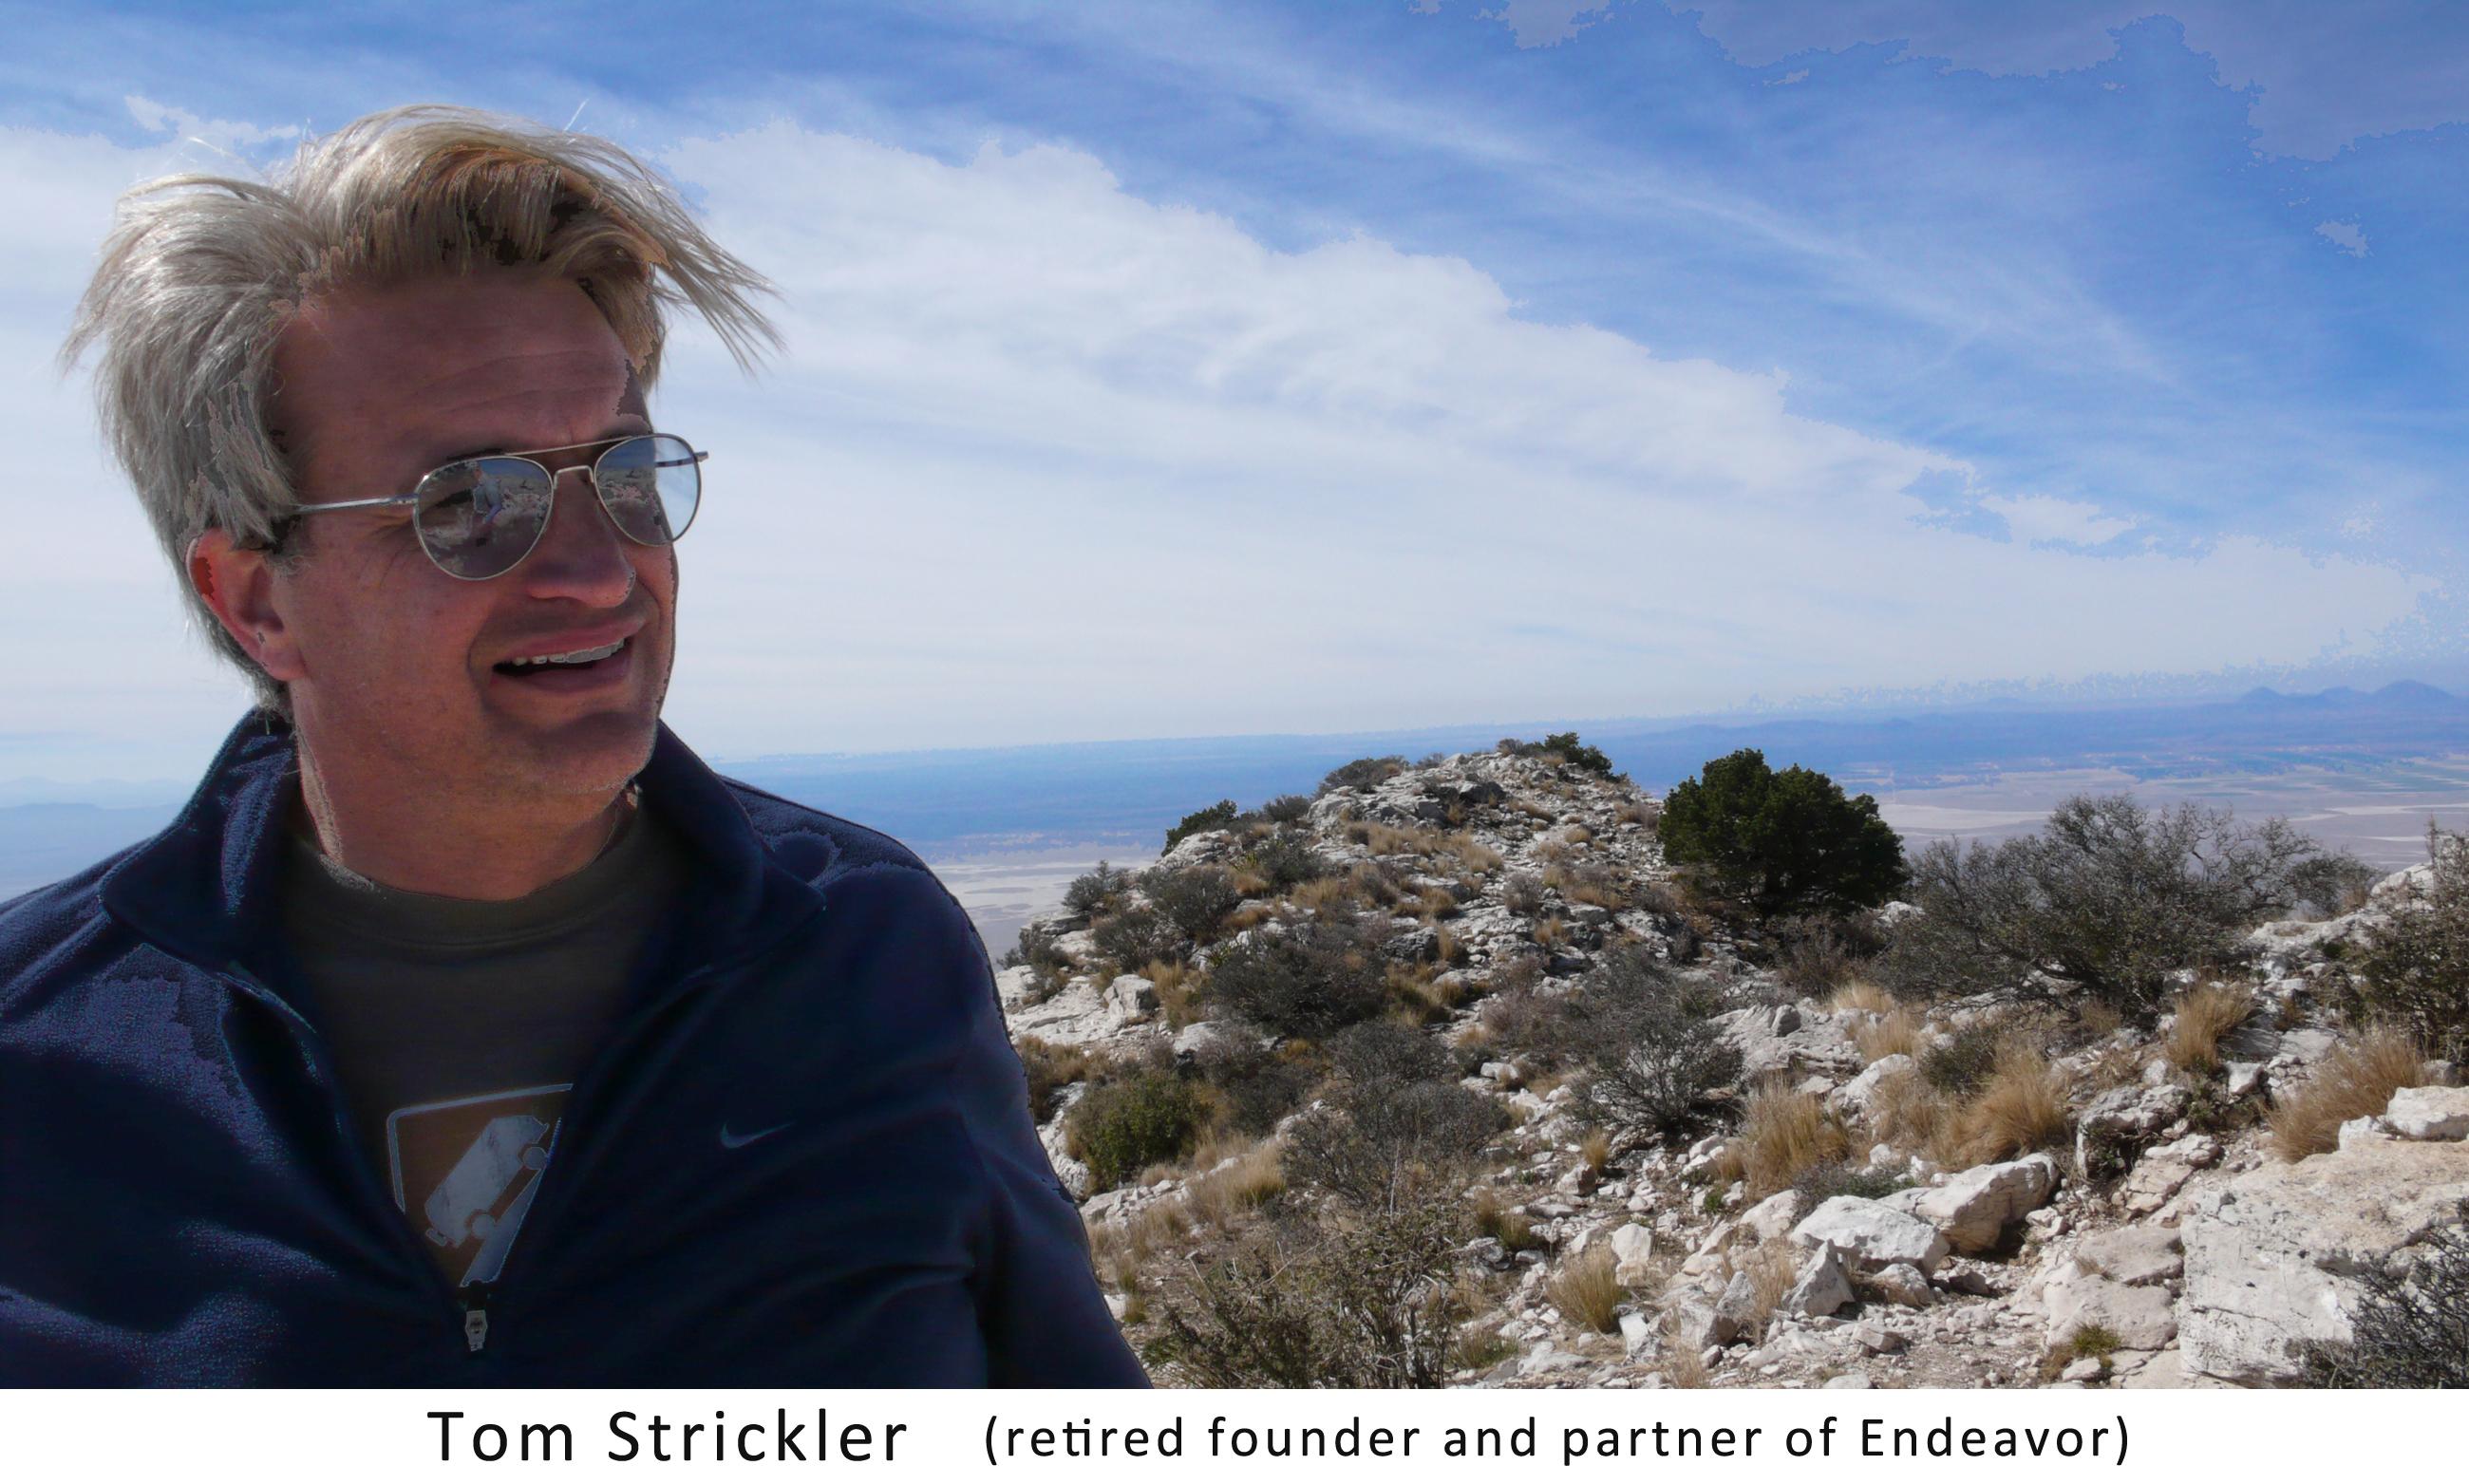 Tom Strickler